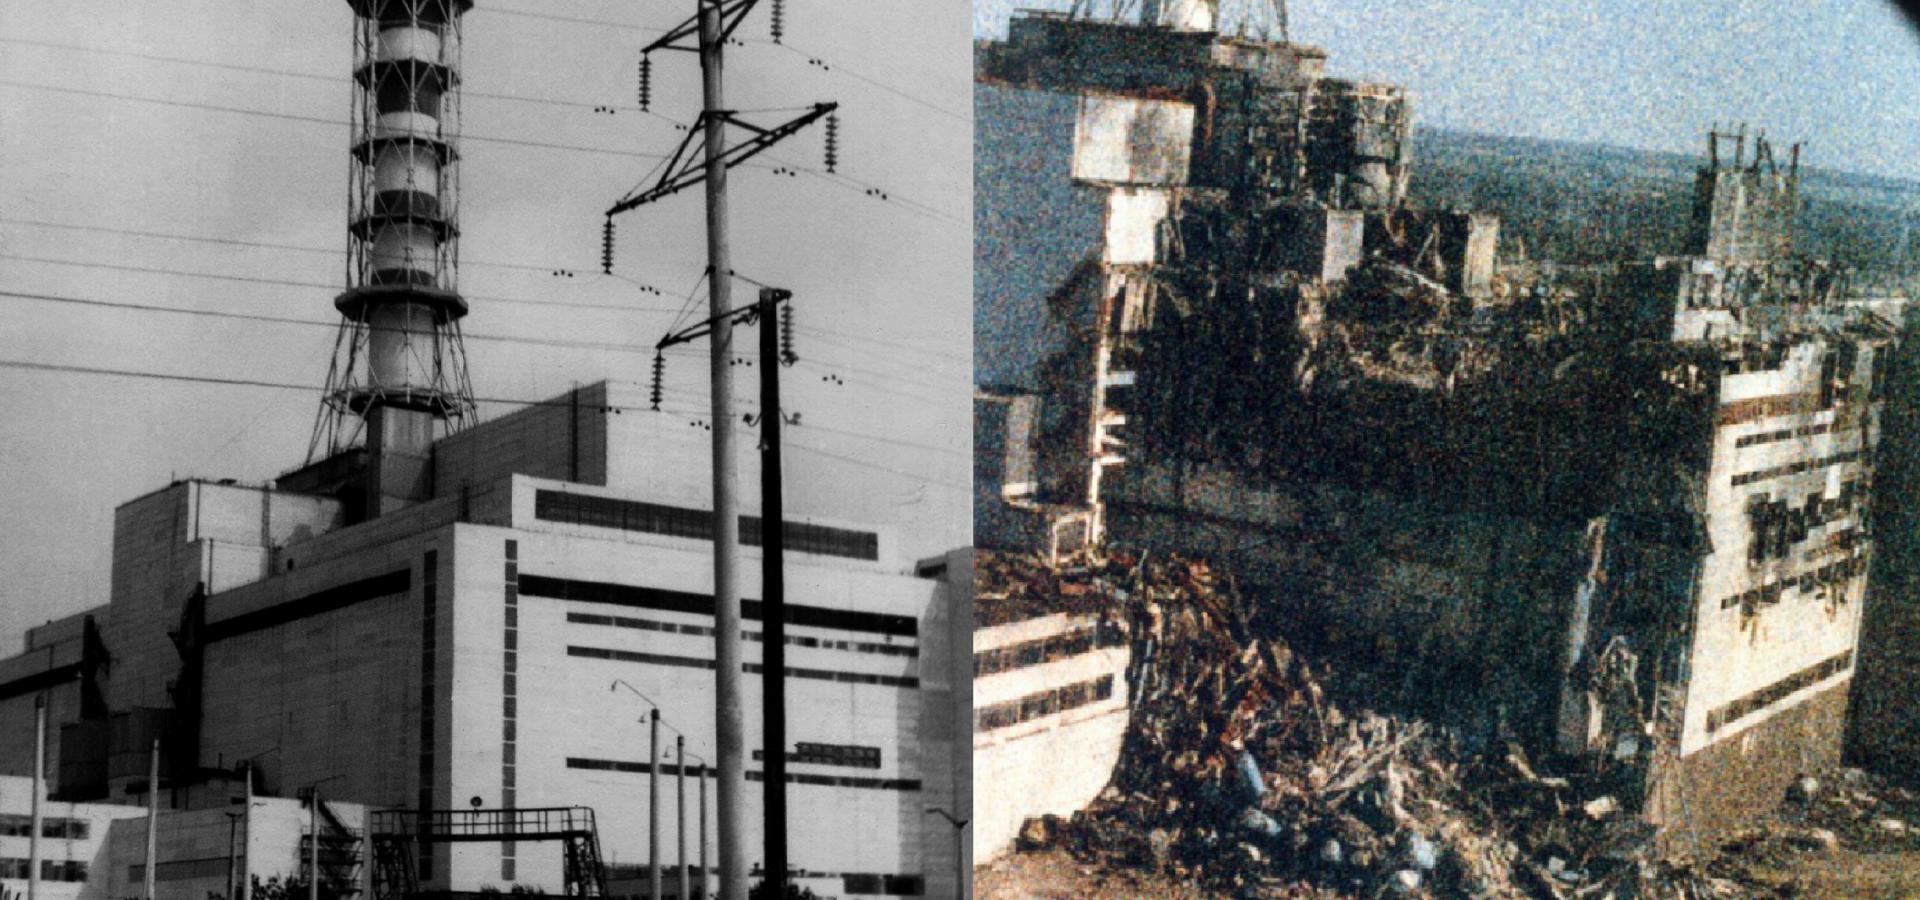 Τσερνόμπιλ: Η επιστροφή του πυρηνικού εφιάλτη   Έθνος